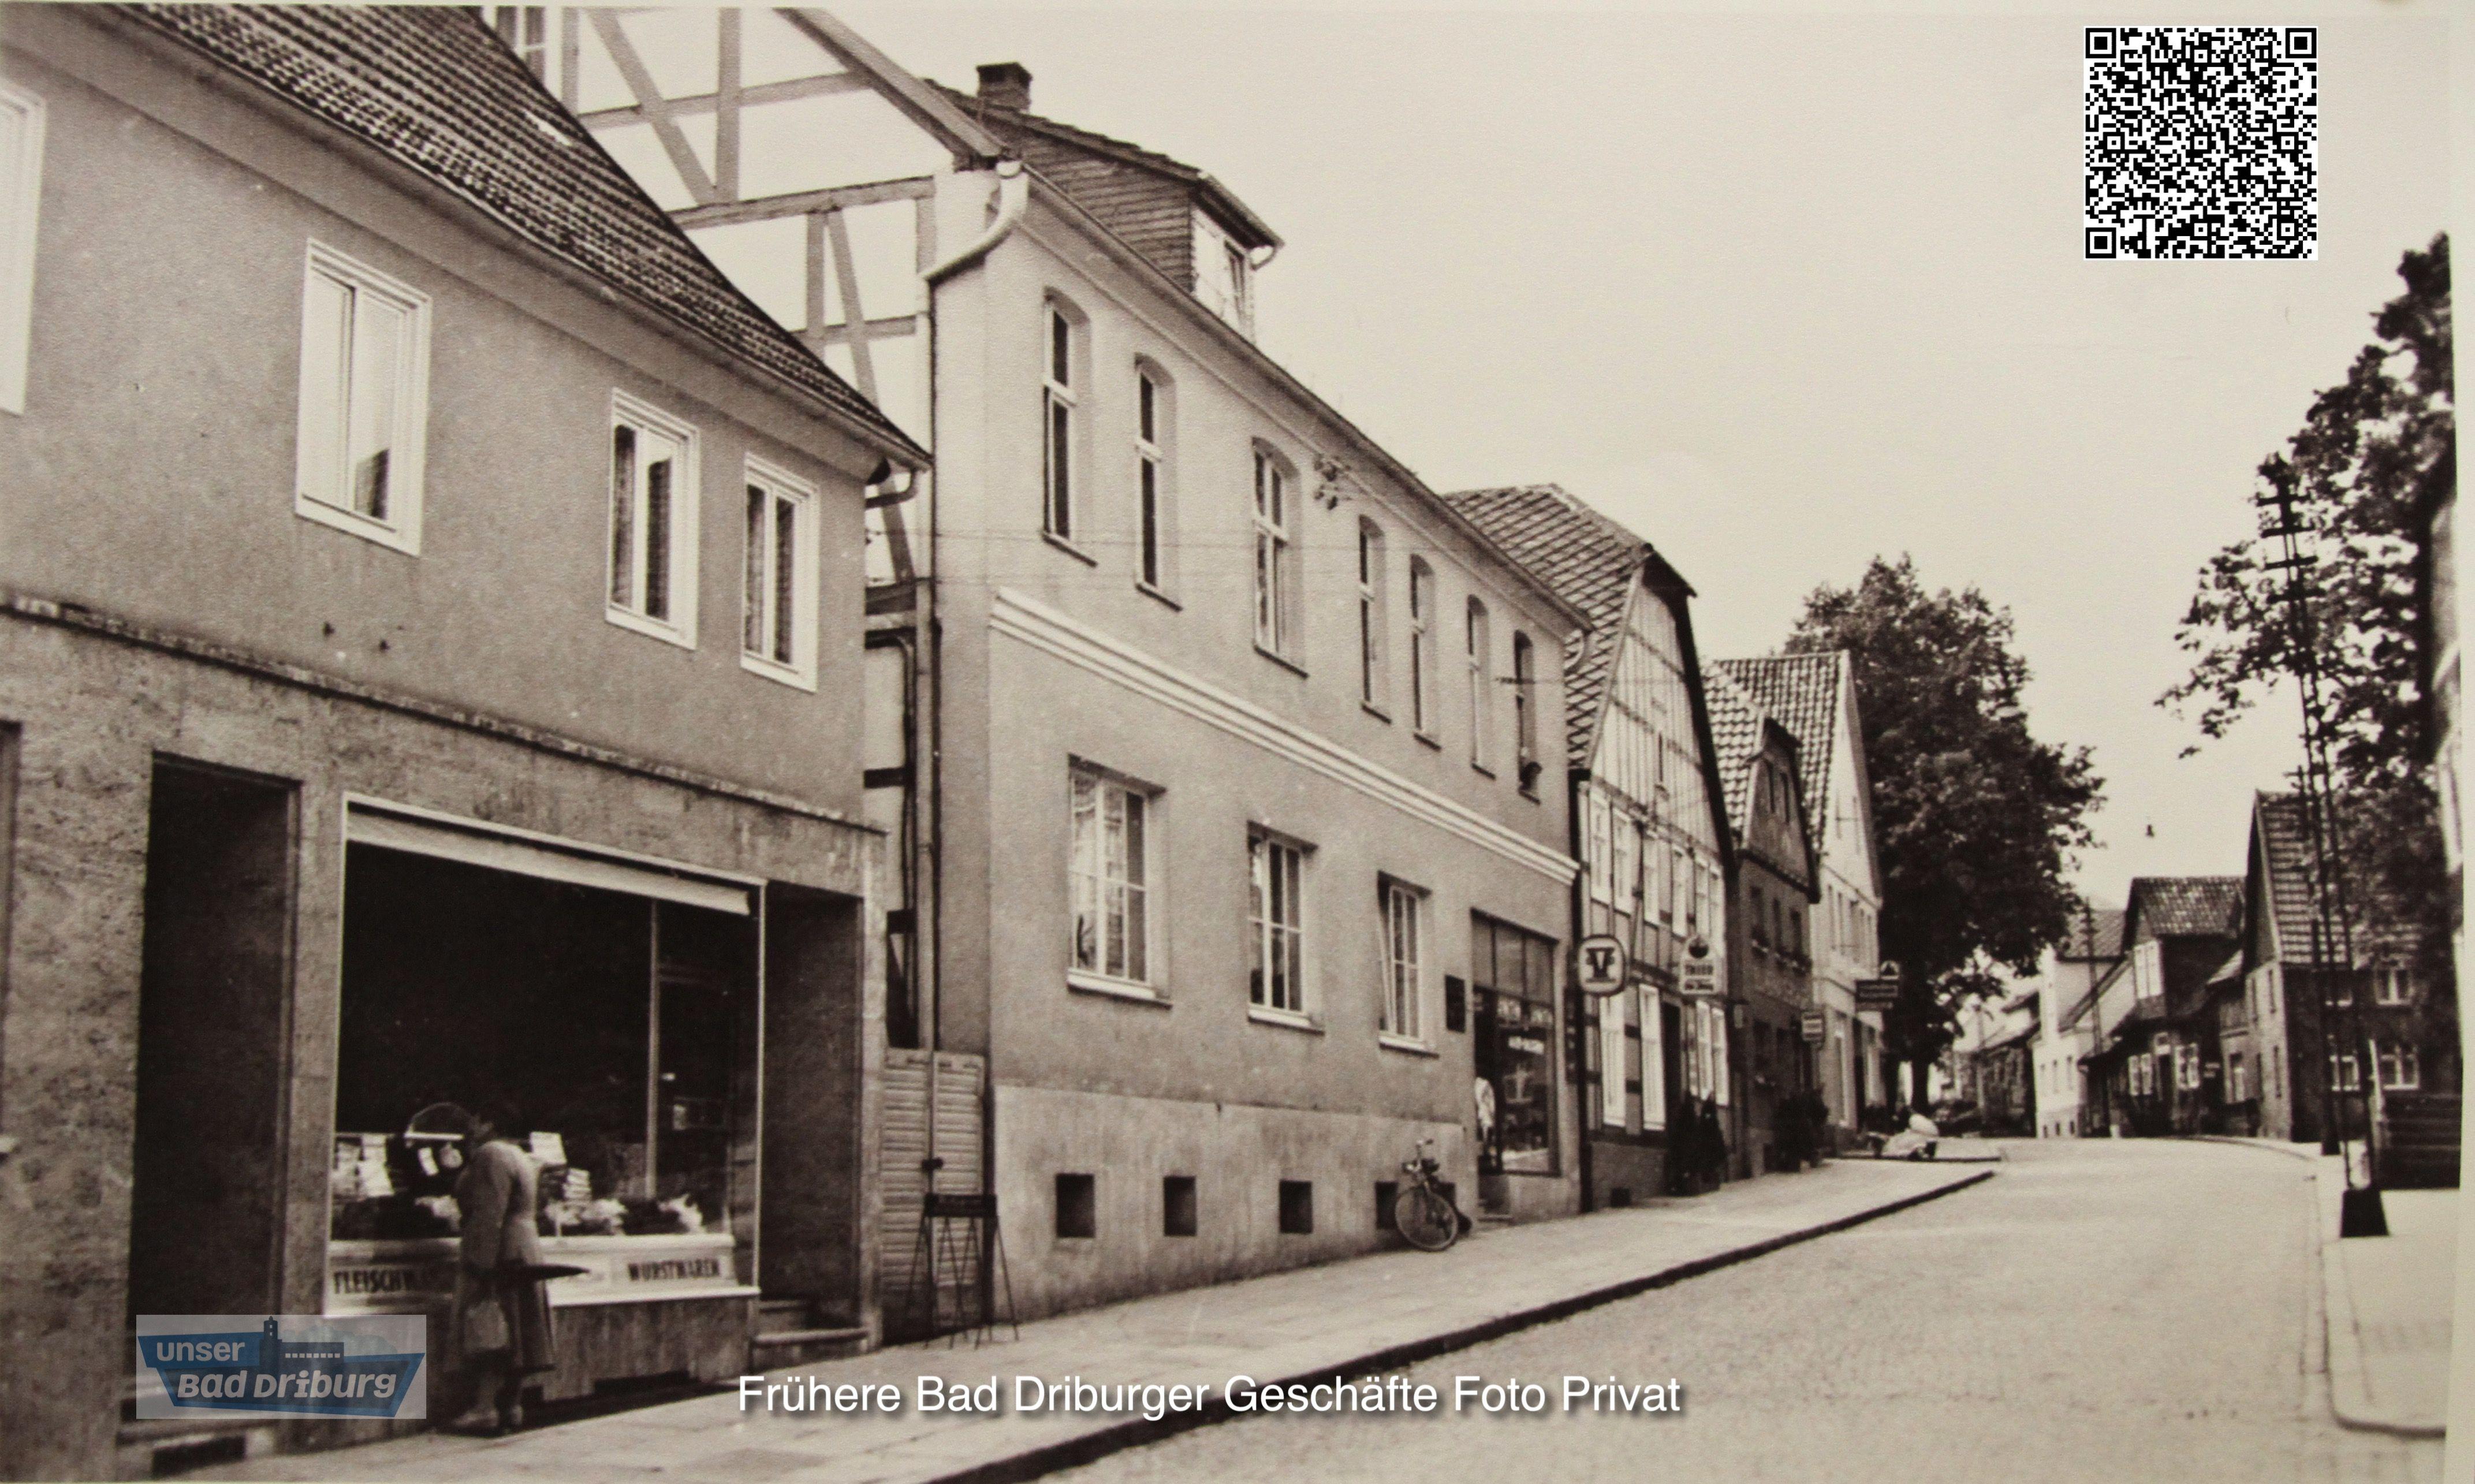 Historische Ansichten Bad Driburger Geschafte In 2020 Bad Driburg Historisch Geschafte